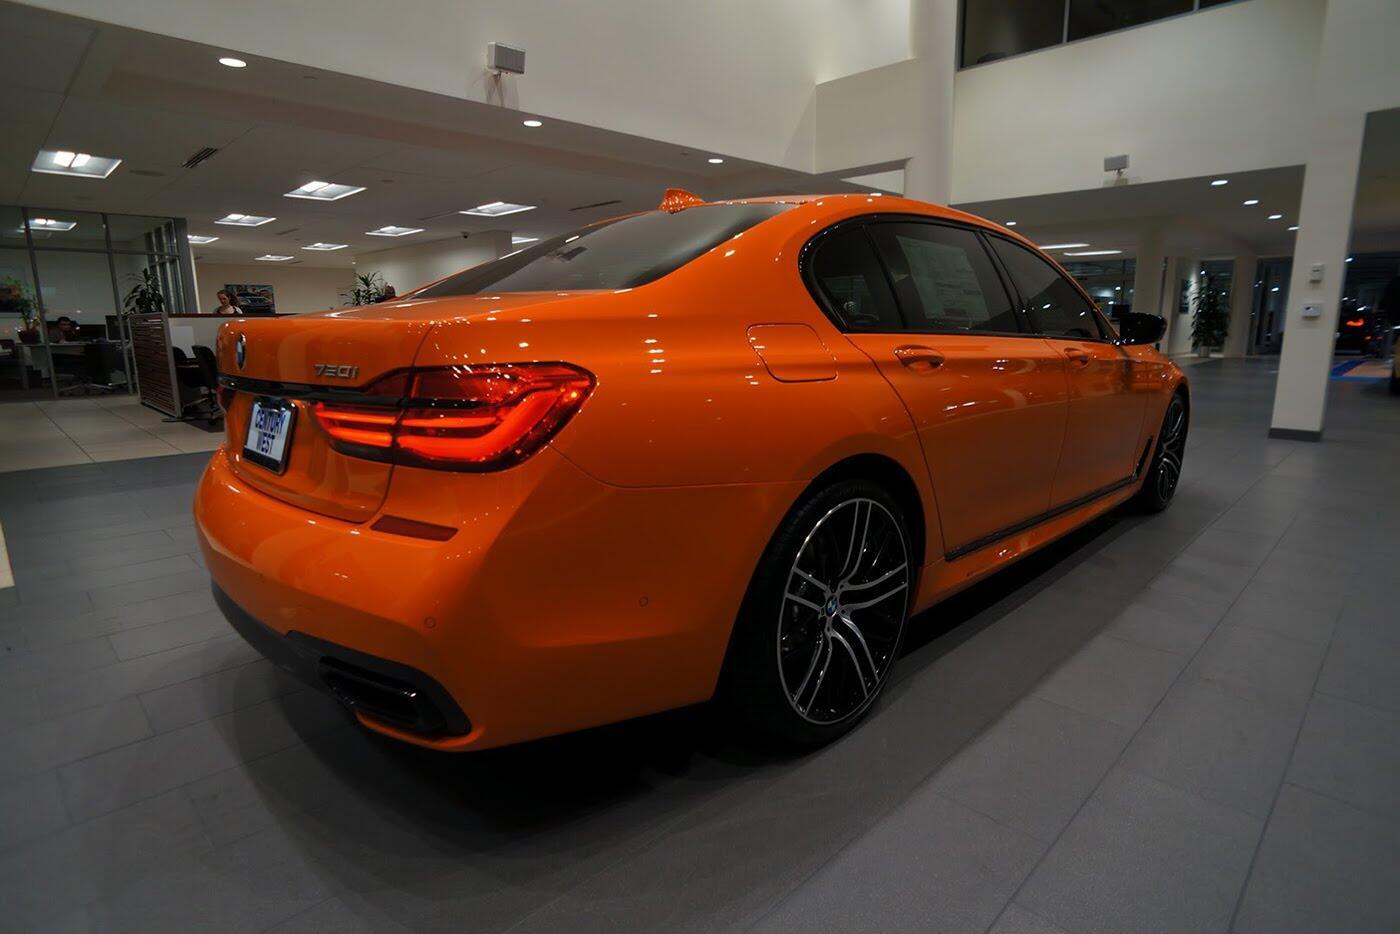 Cận cảnh BMW 750i 2017 phiên bản đặc biệt Fire Orange - Hình 14